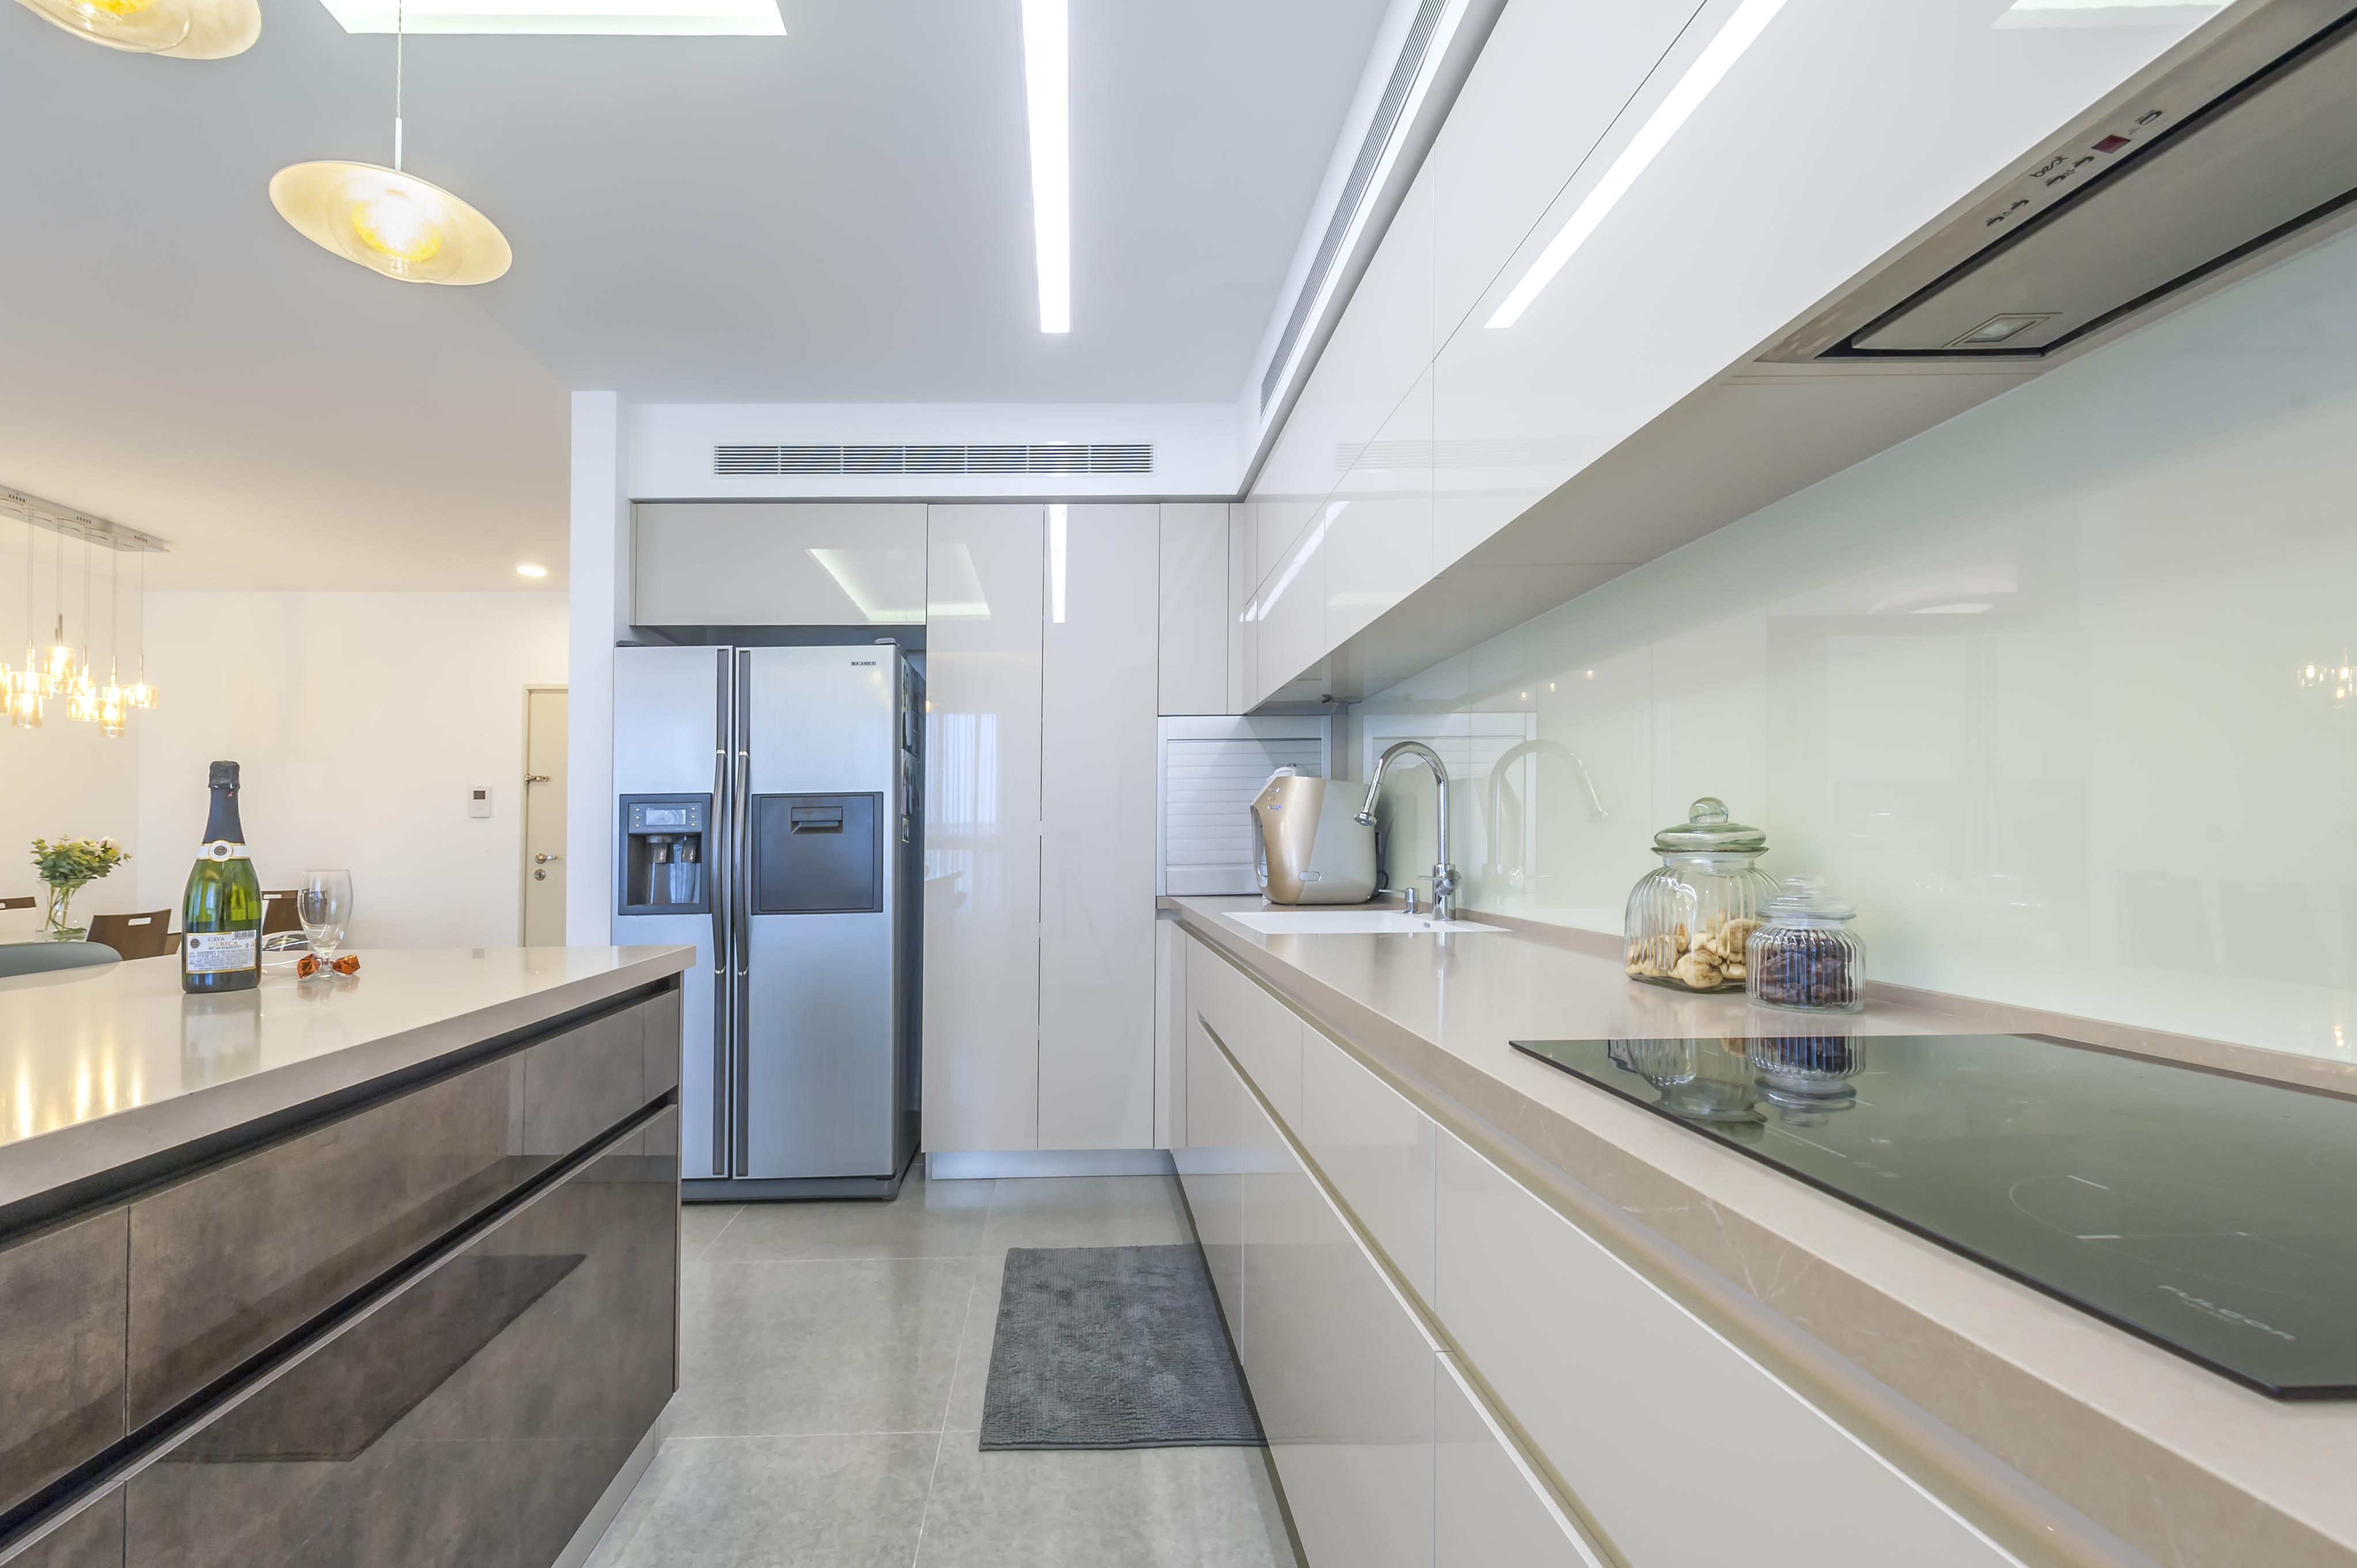 תכנון מטבח מודרני בקווים נקיים שטח אחסון מורחב בחזית המטבח